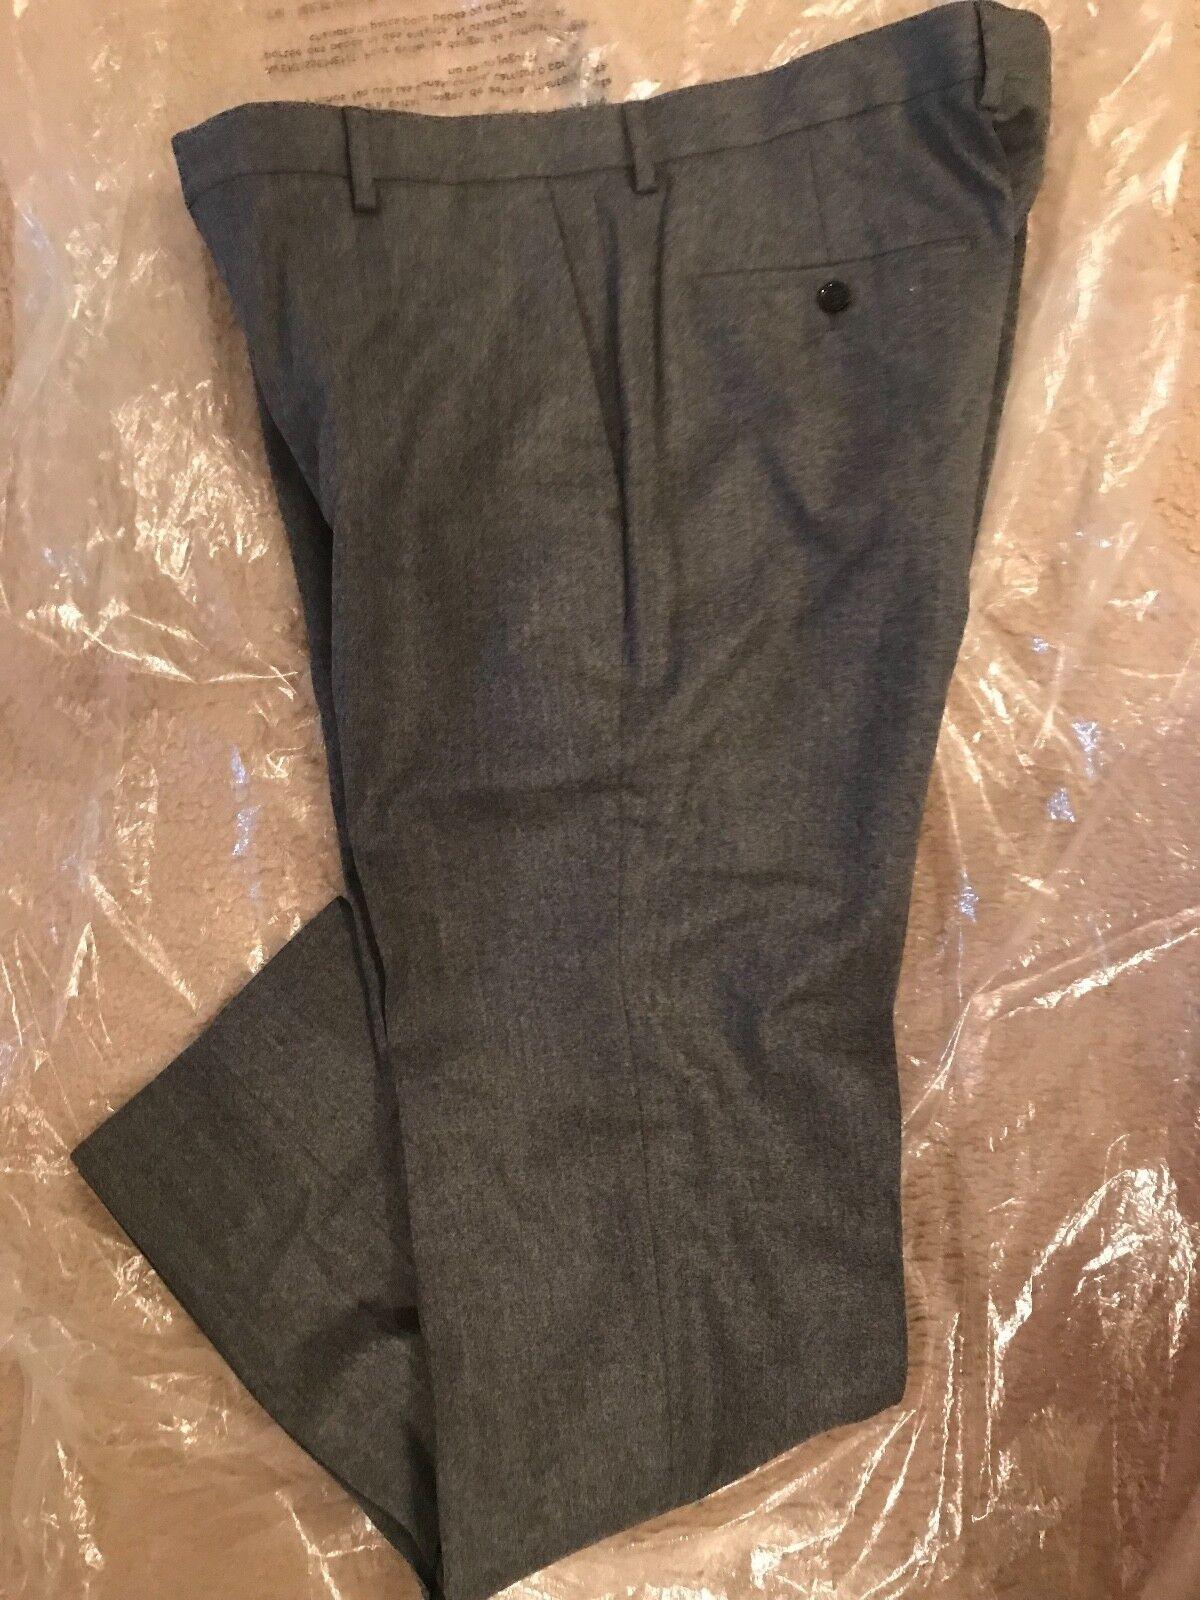 J.Crew Ludlow Anzug Hose in Meliert Italian Wolle Flanell Größe 29 32 Grau